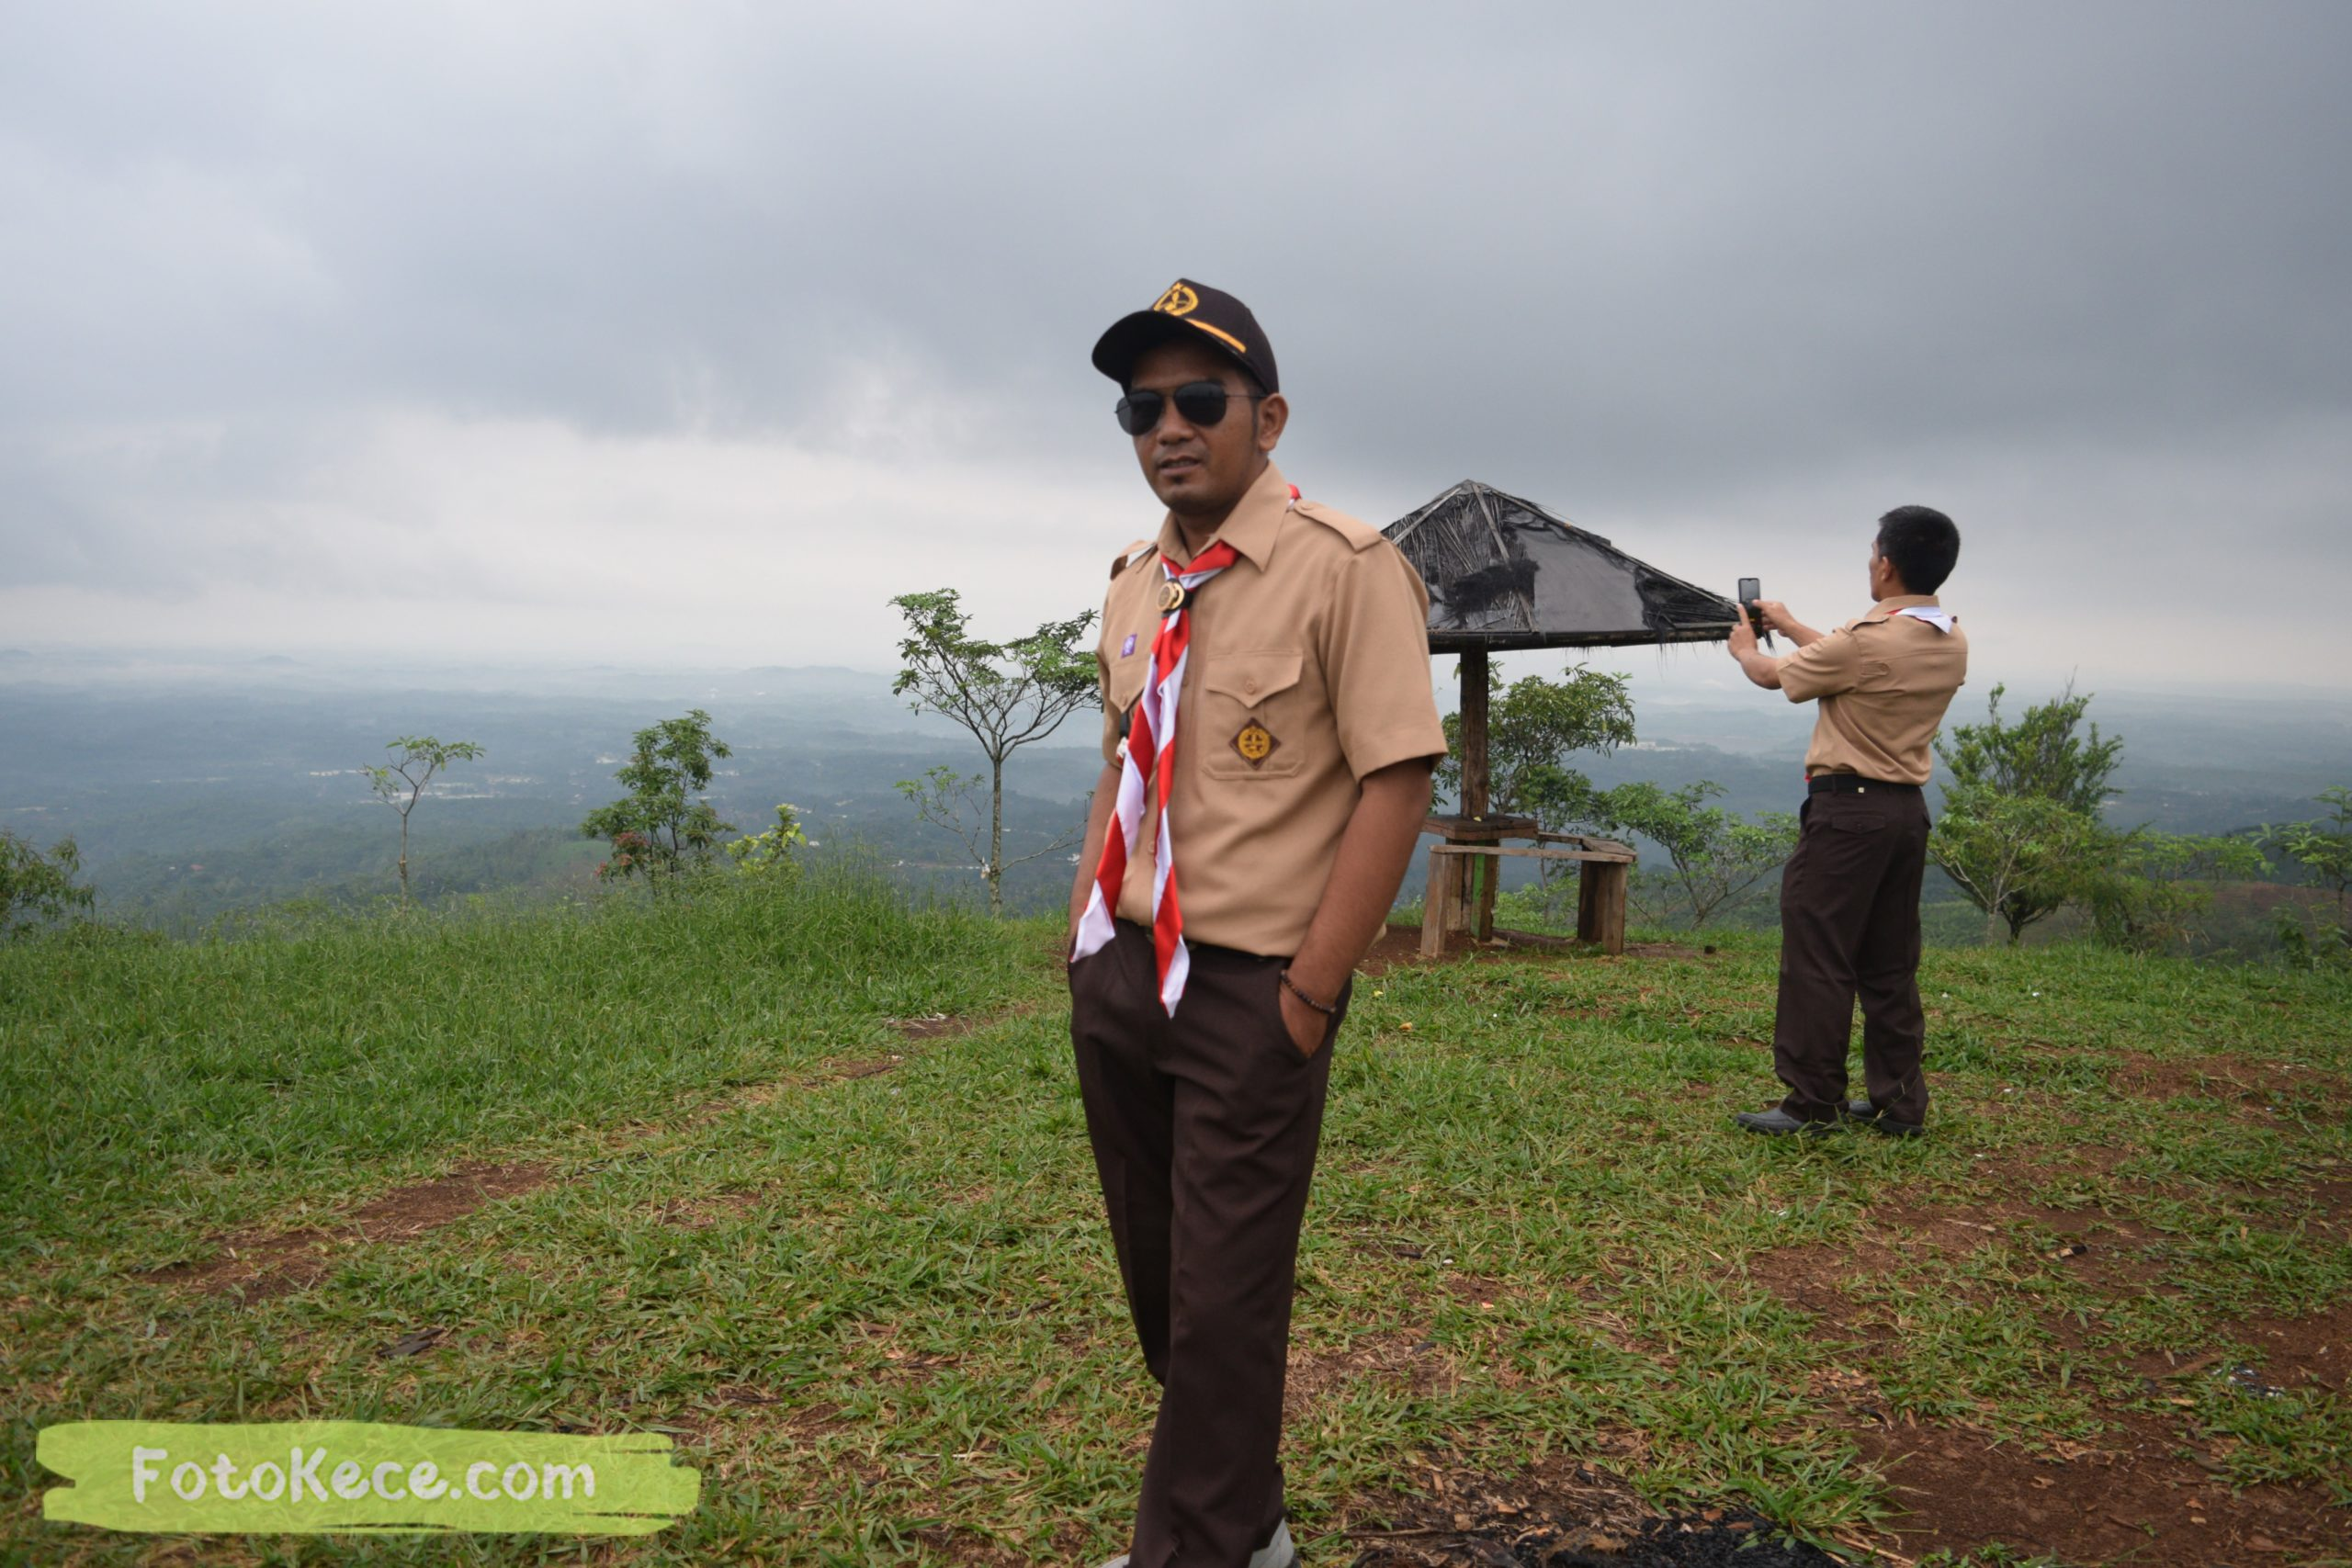 aay pembukaan perkemahan narakarya 1 mtsn 2 sukabumi 24 25 januari 2020 pramuka hebat wisata alam puncak buluh jampangkulon 80 scaled